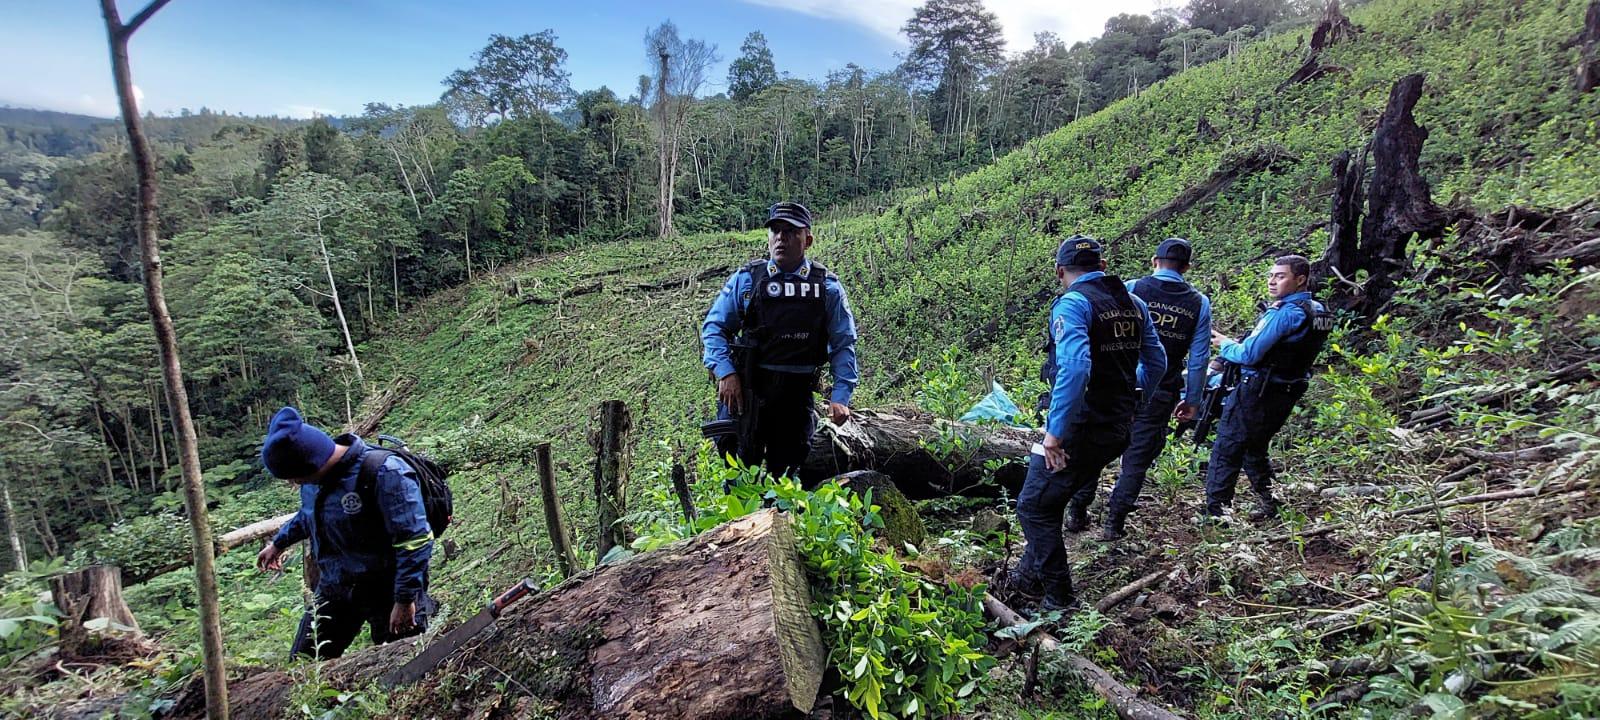 Dos fueron los detenidos en el lugar de la operación antidrogas.